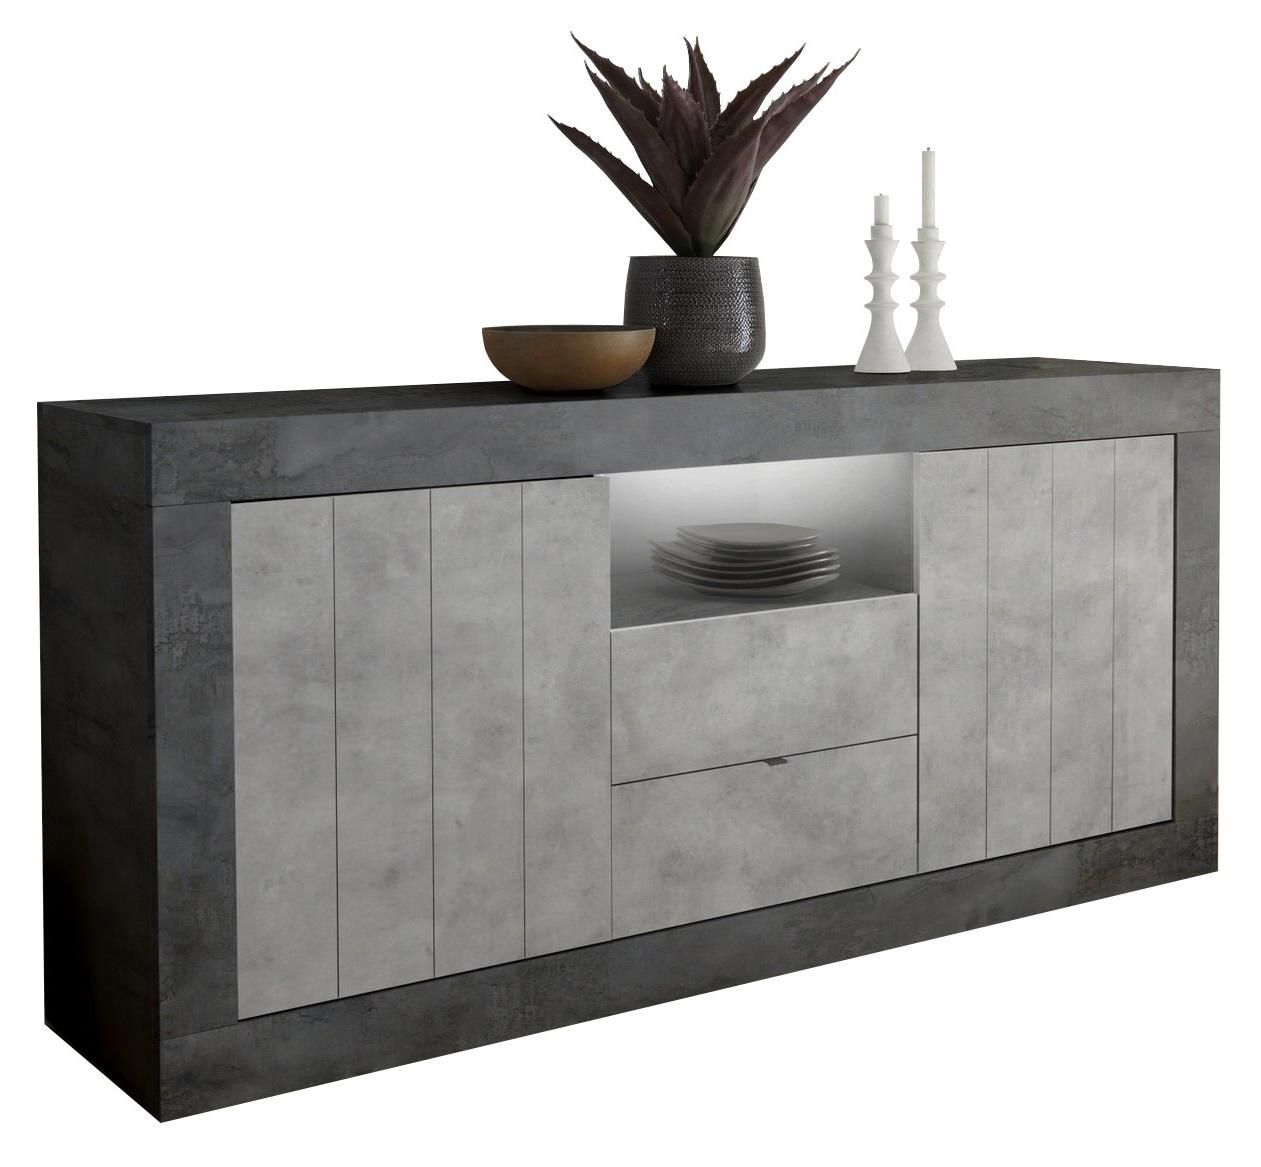 Dressoir Urbino 184 cm breed in oxid met grijs beton